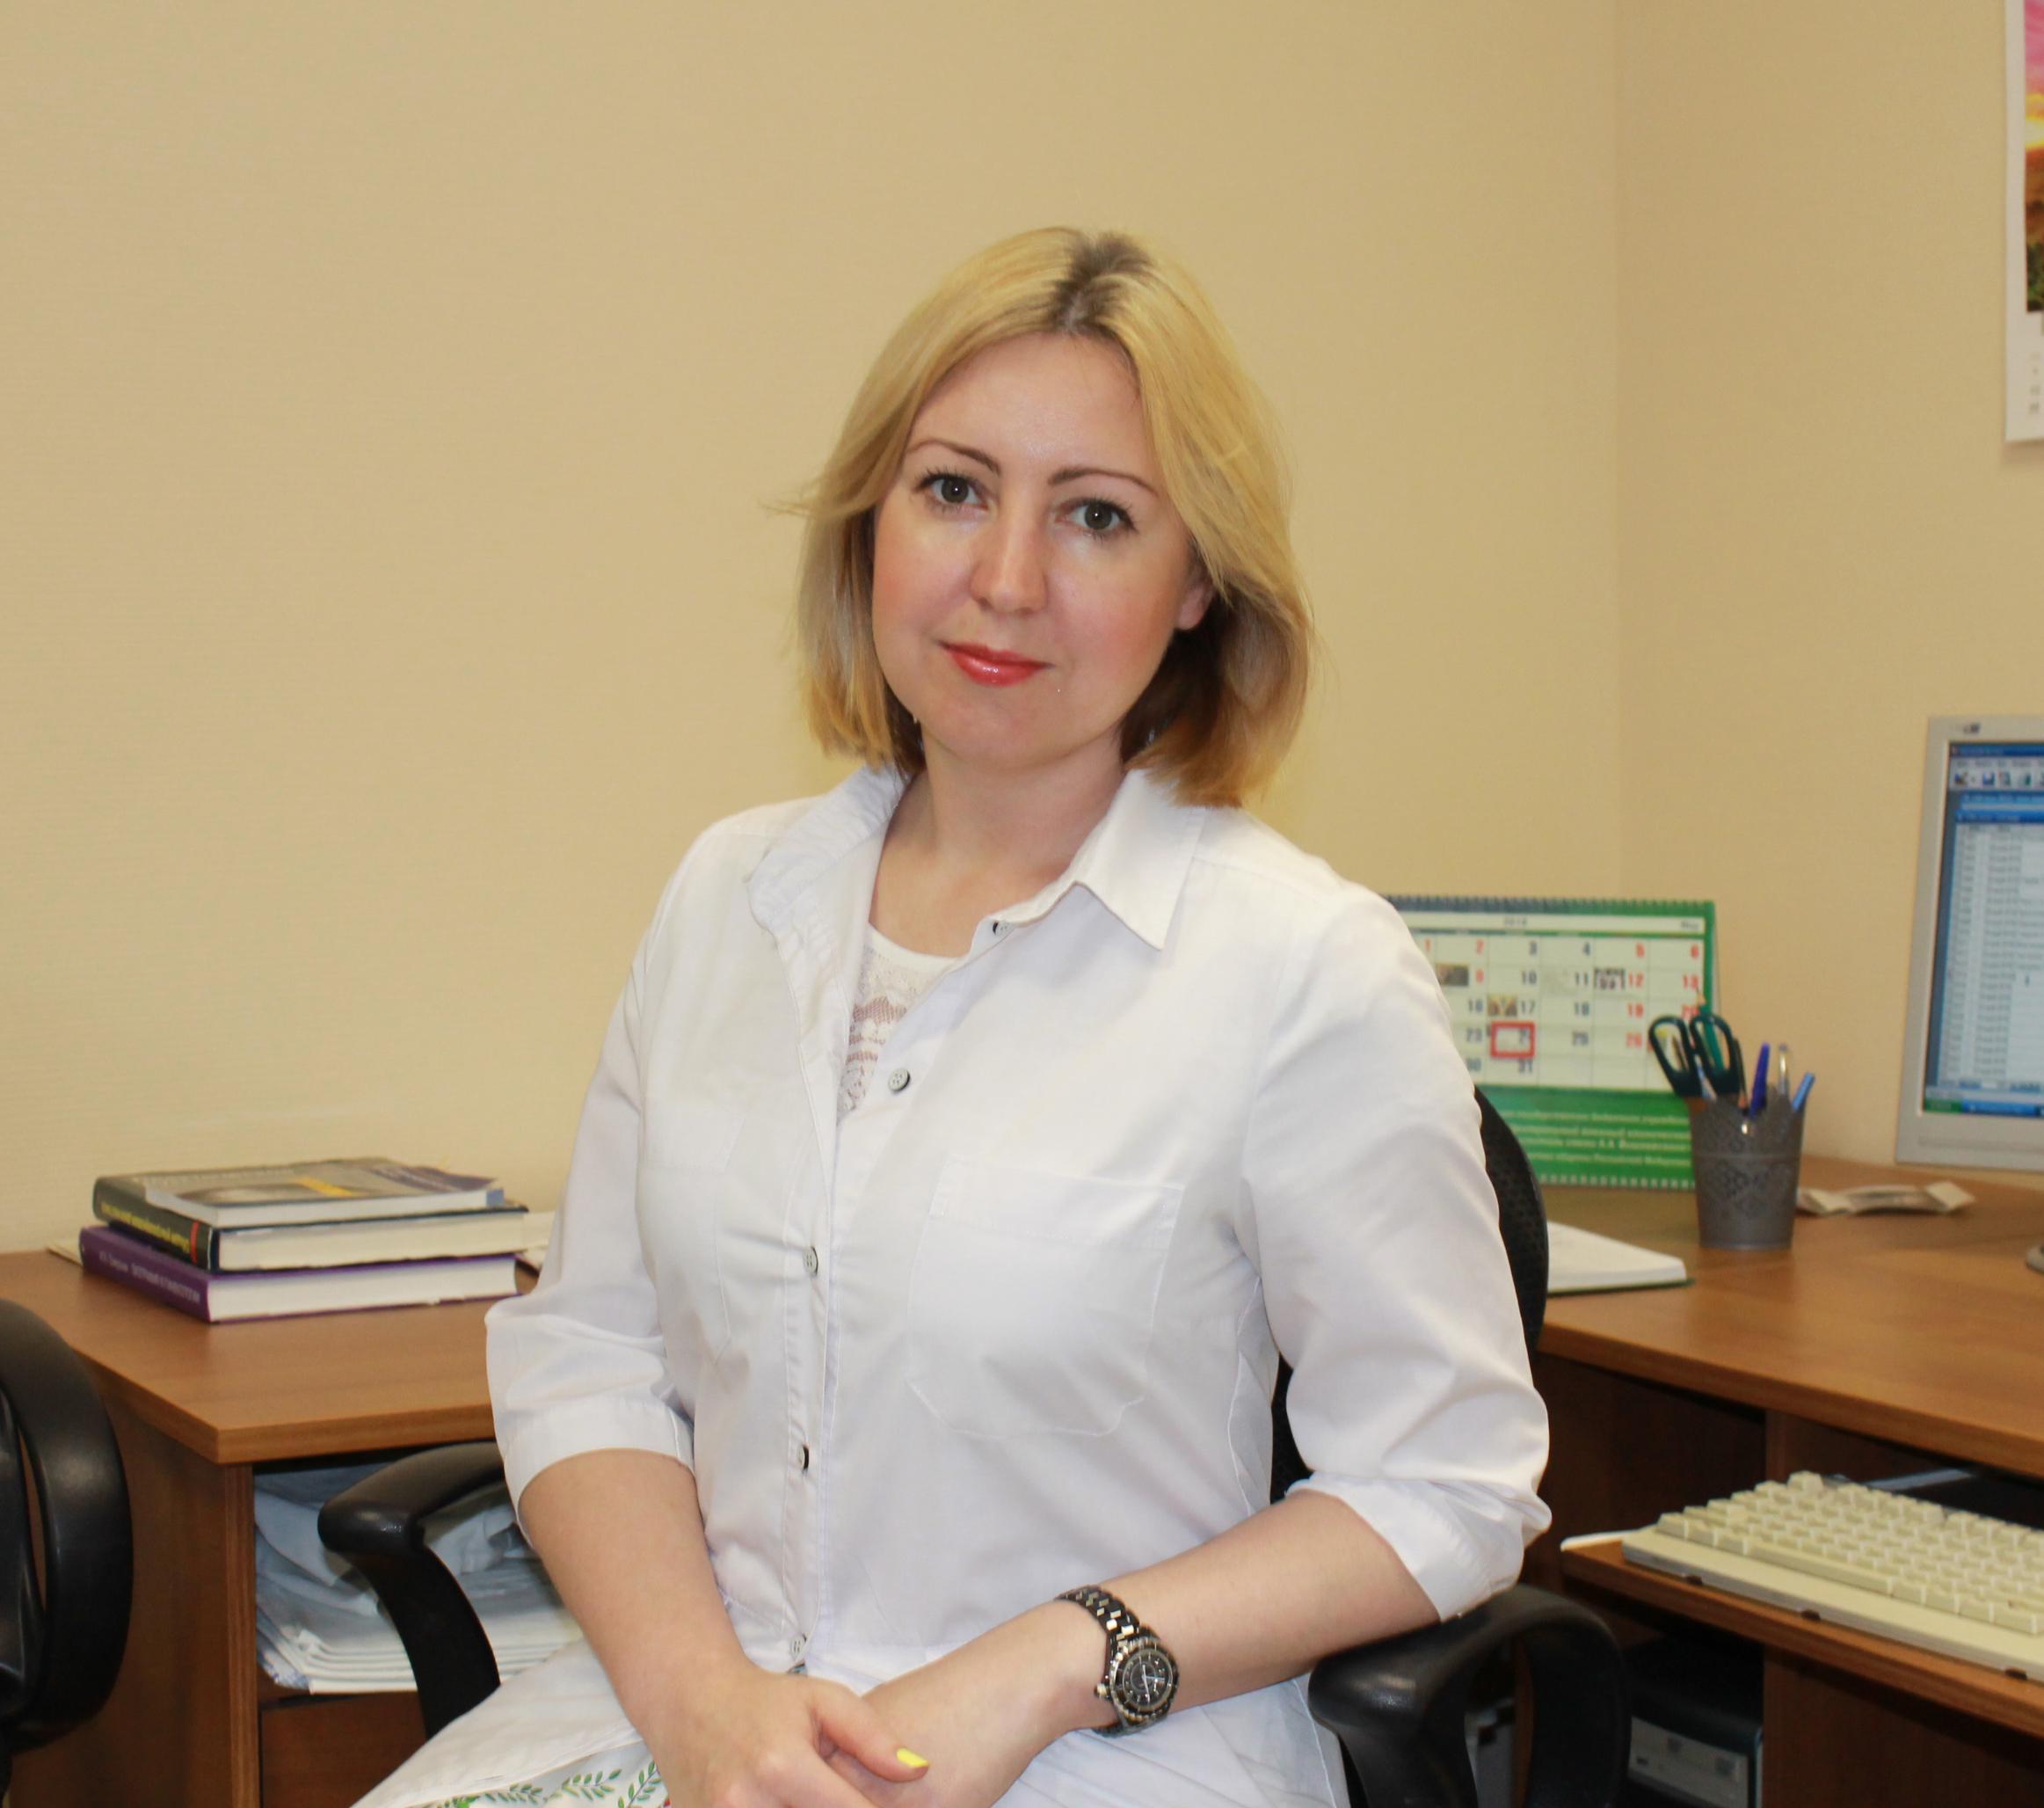 Морозова Наталья Петровна Image